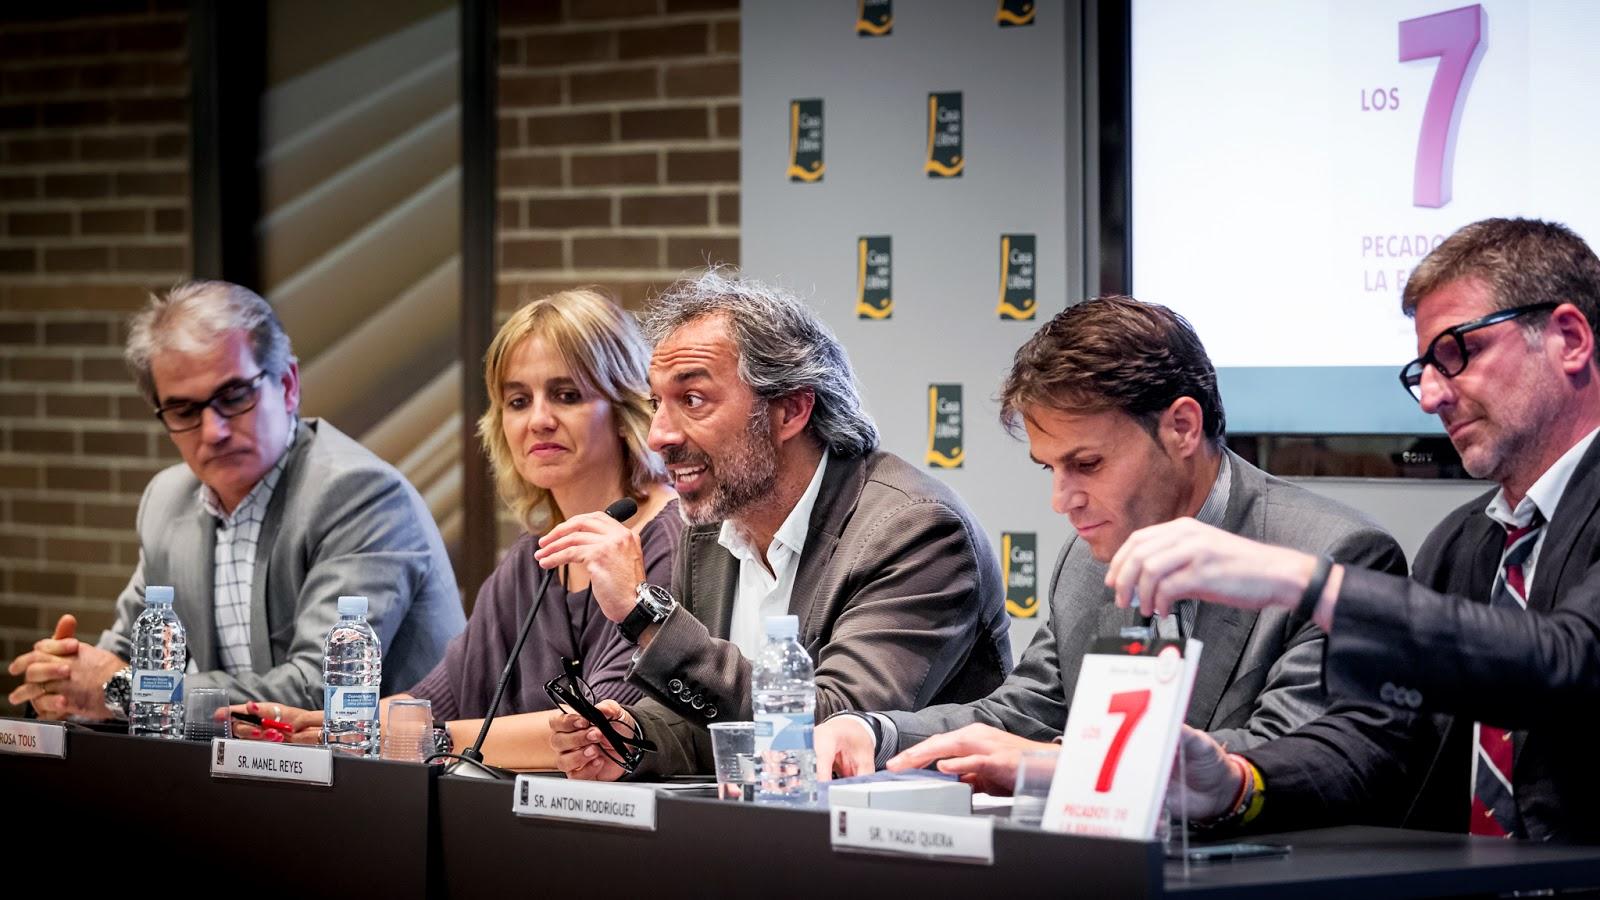 Buenas compañías: Francisco Mohedano (MRW), Rosa Tous (TOUS), Antoni Rodríguez (LOUIS VUITTON) y Yago Quera (WOLVERINE) :: Canon EOS 5D MkIII | ISO1600 | Canon 70-200 @135mm | f/4.0 | 1/50s